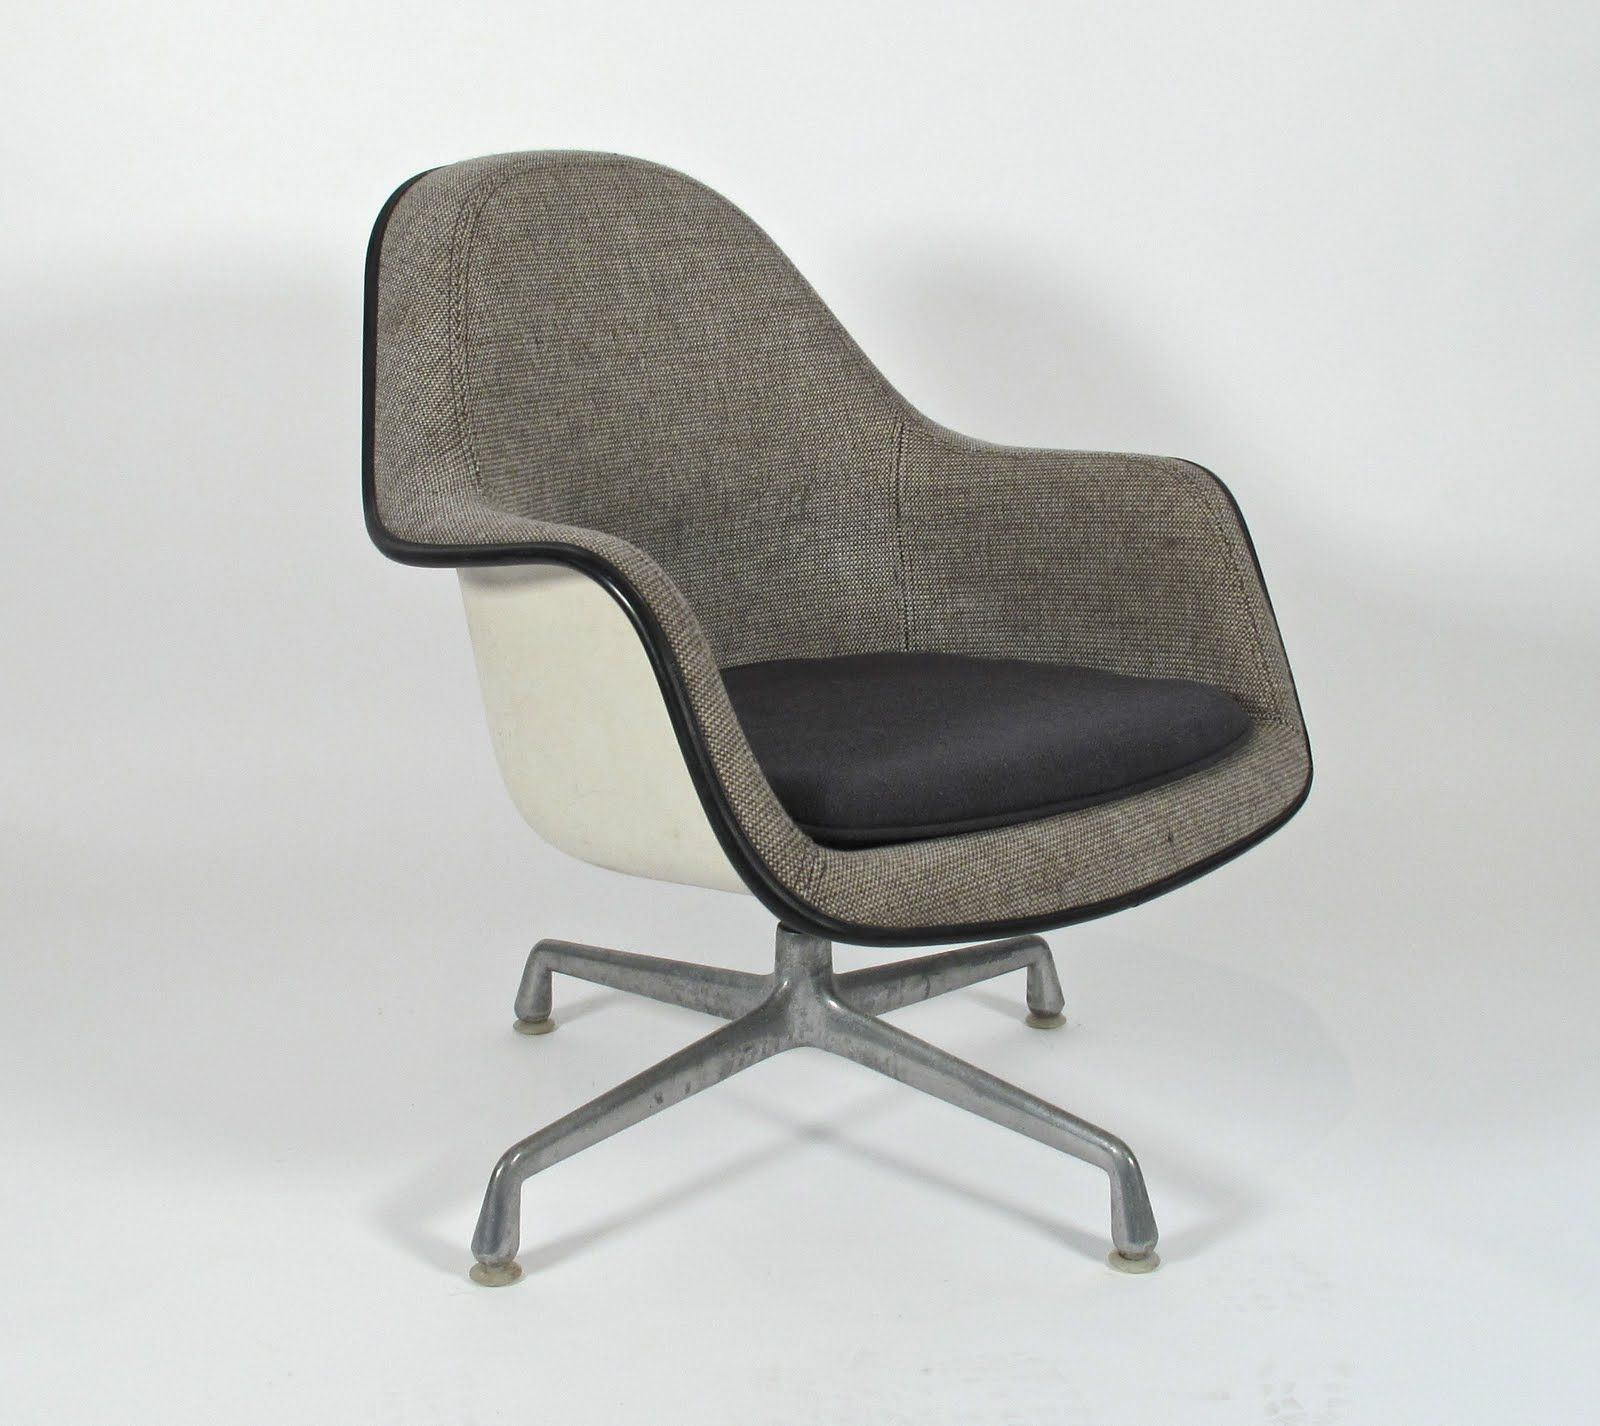 Charles Eames Loose Cushion Armchair 1971 Chair design